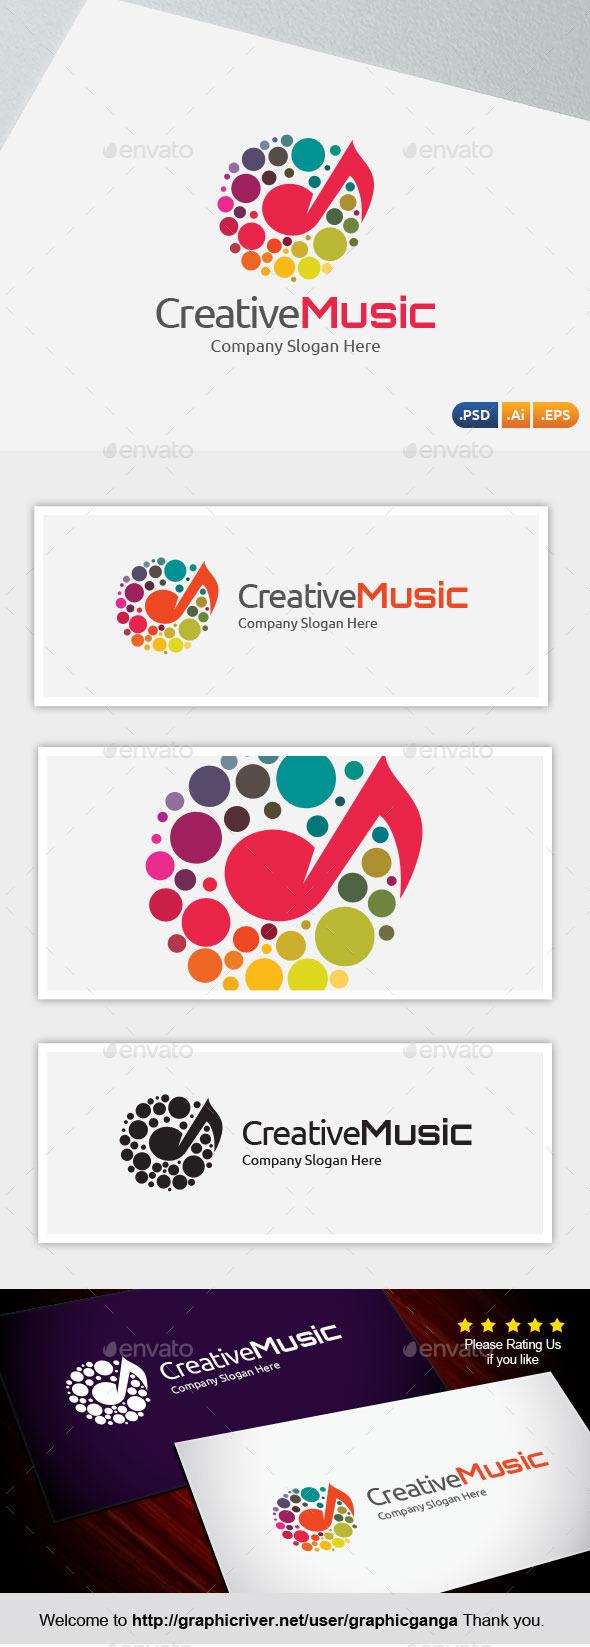 GraphicRiver Creative Music 10085736